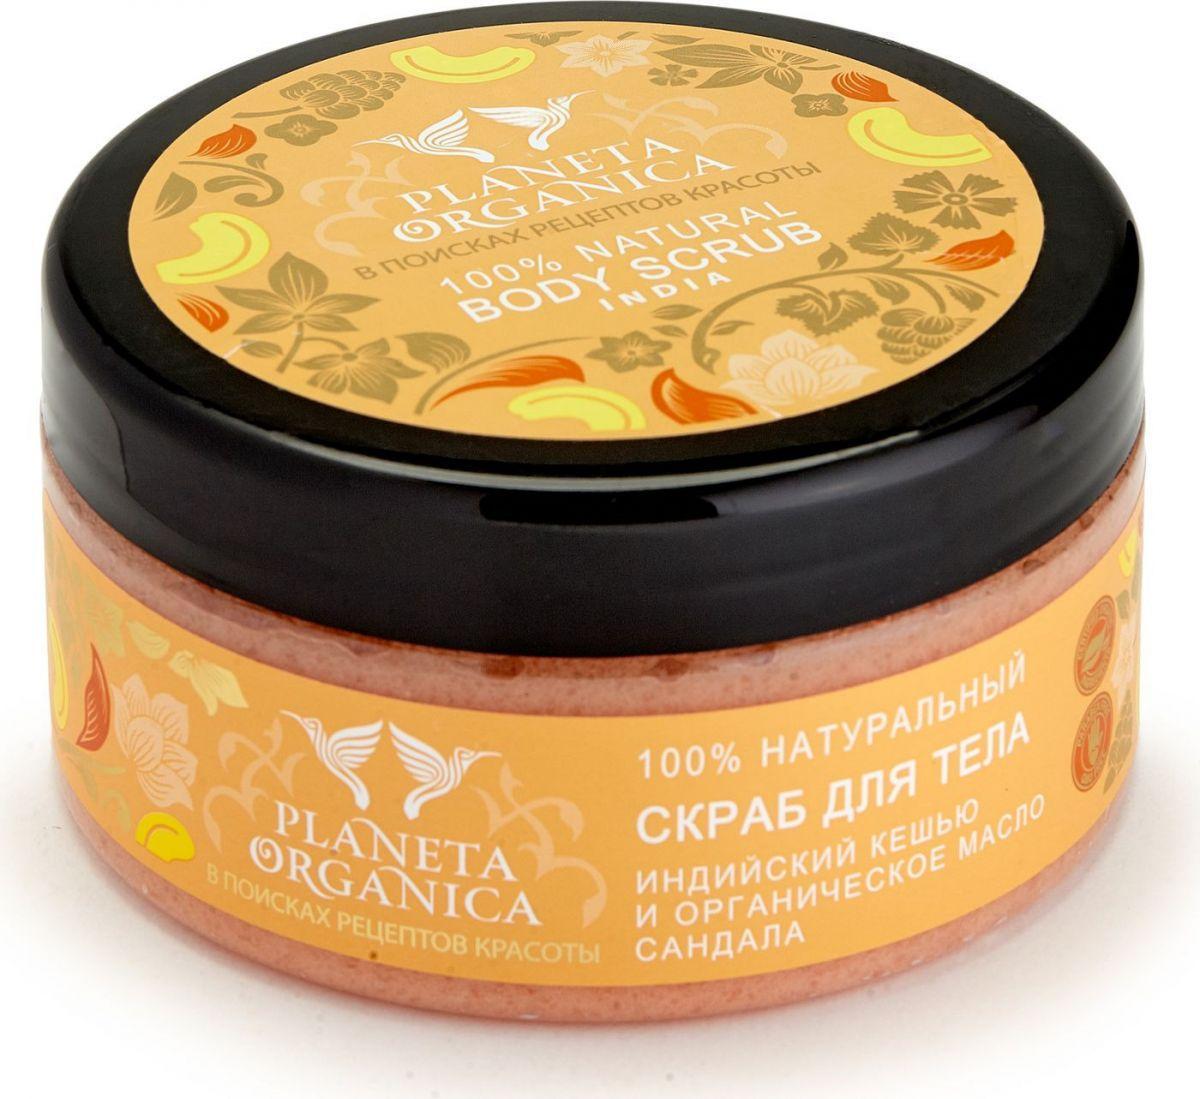 Скраб Planeta Organica для тела индийский кешью и органическое масло сандала